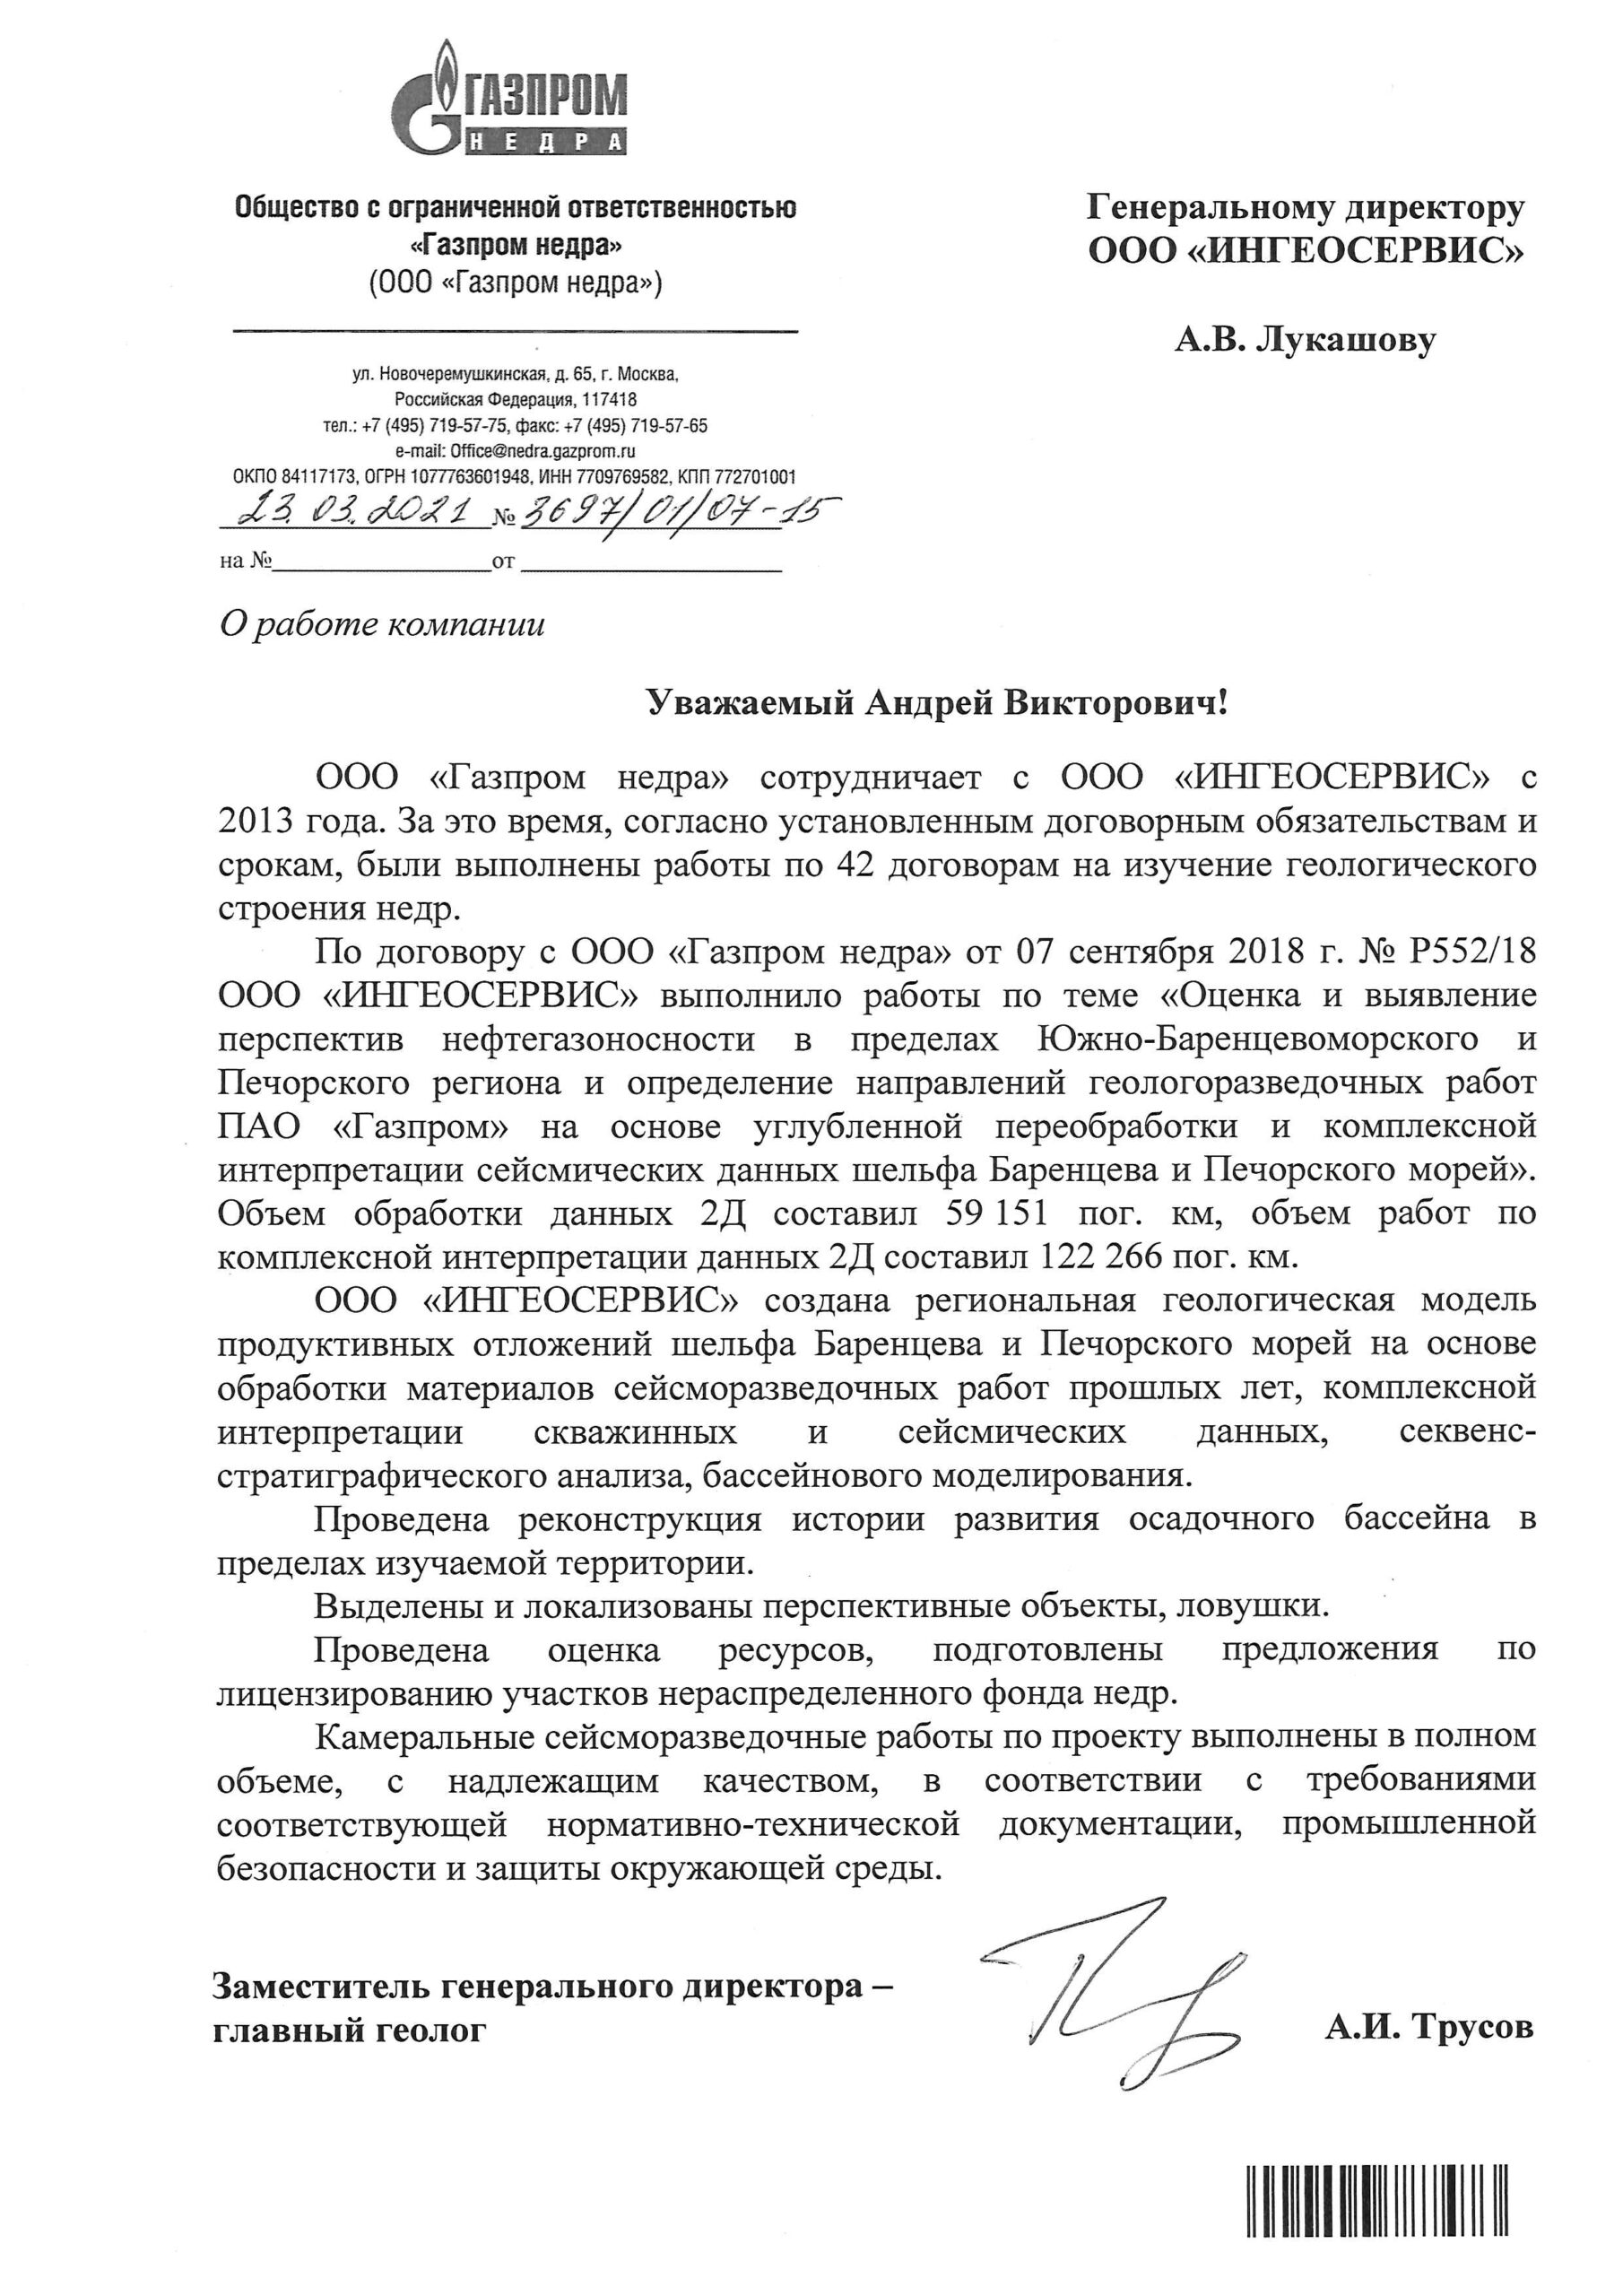 Письмо исх № 3697 от 23.03.2021_Page_1